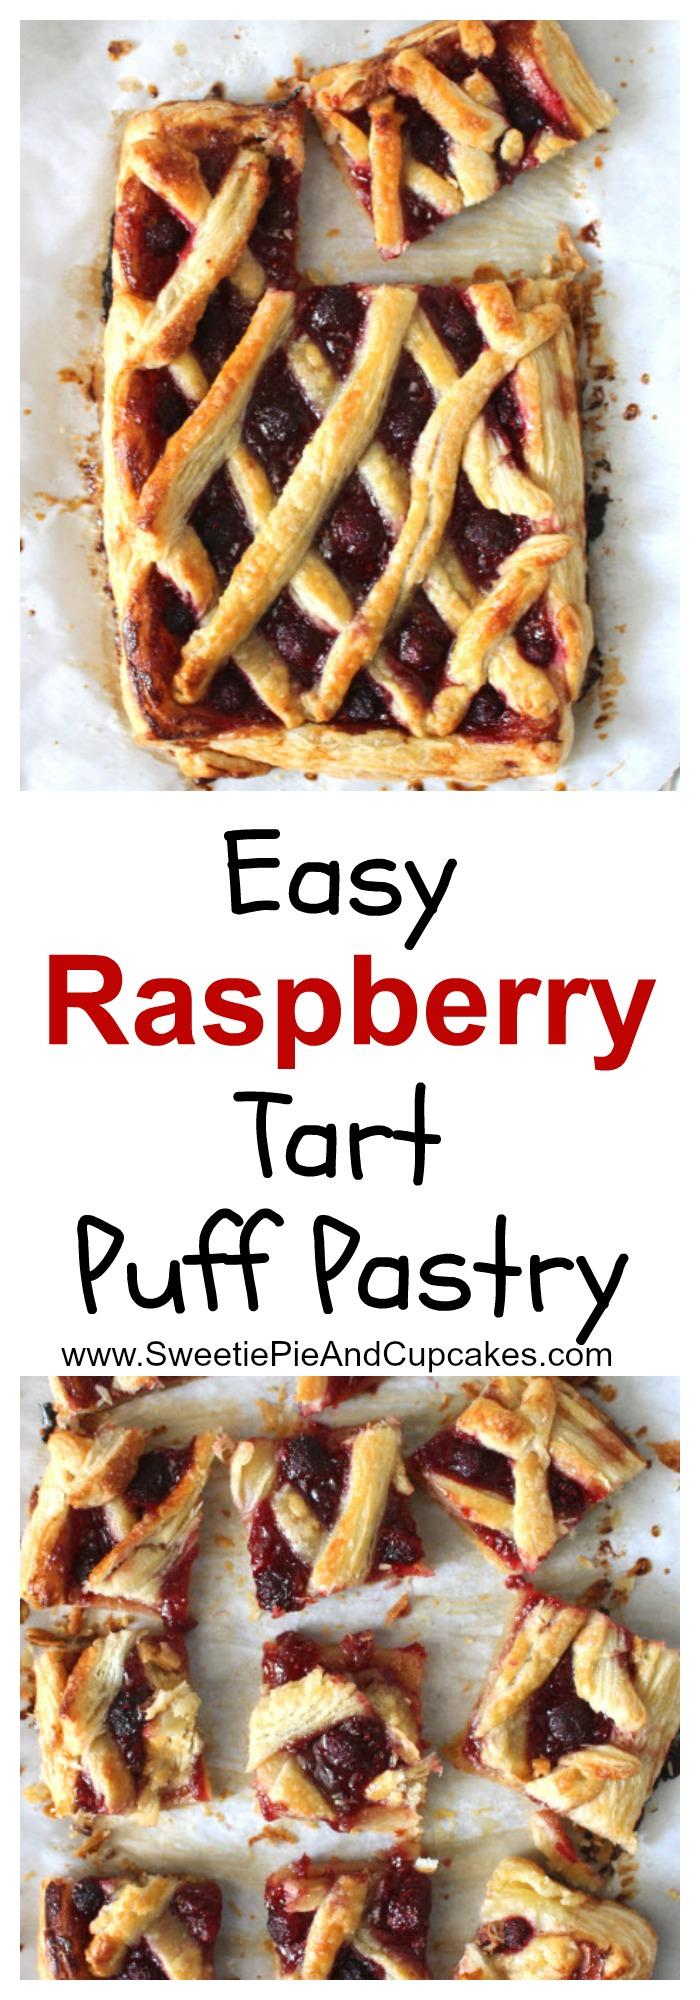 Raspberry Tart Puff Pastry Pin